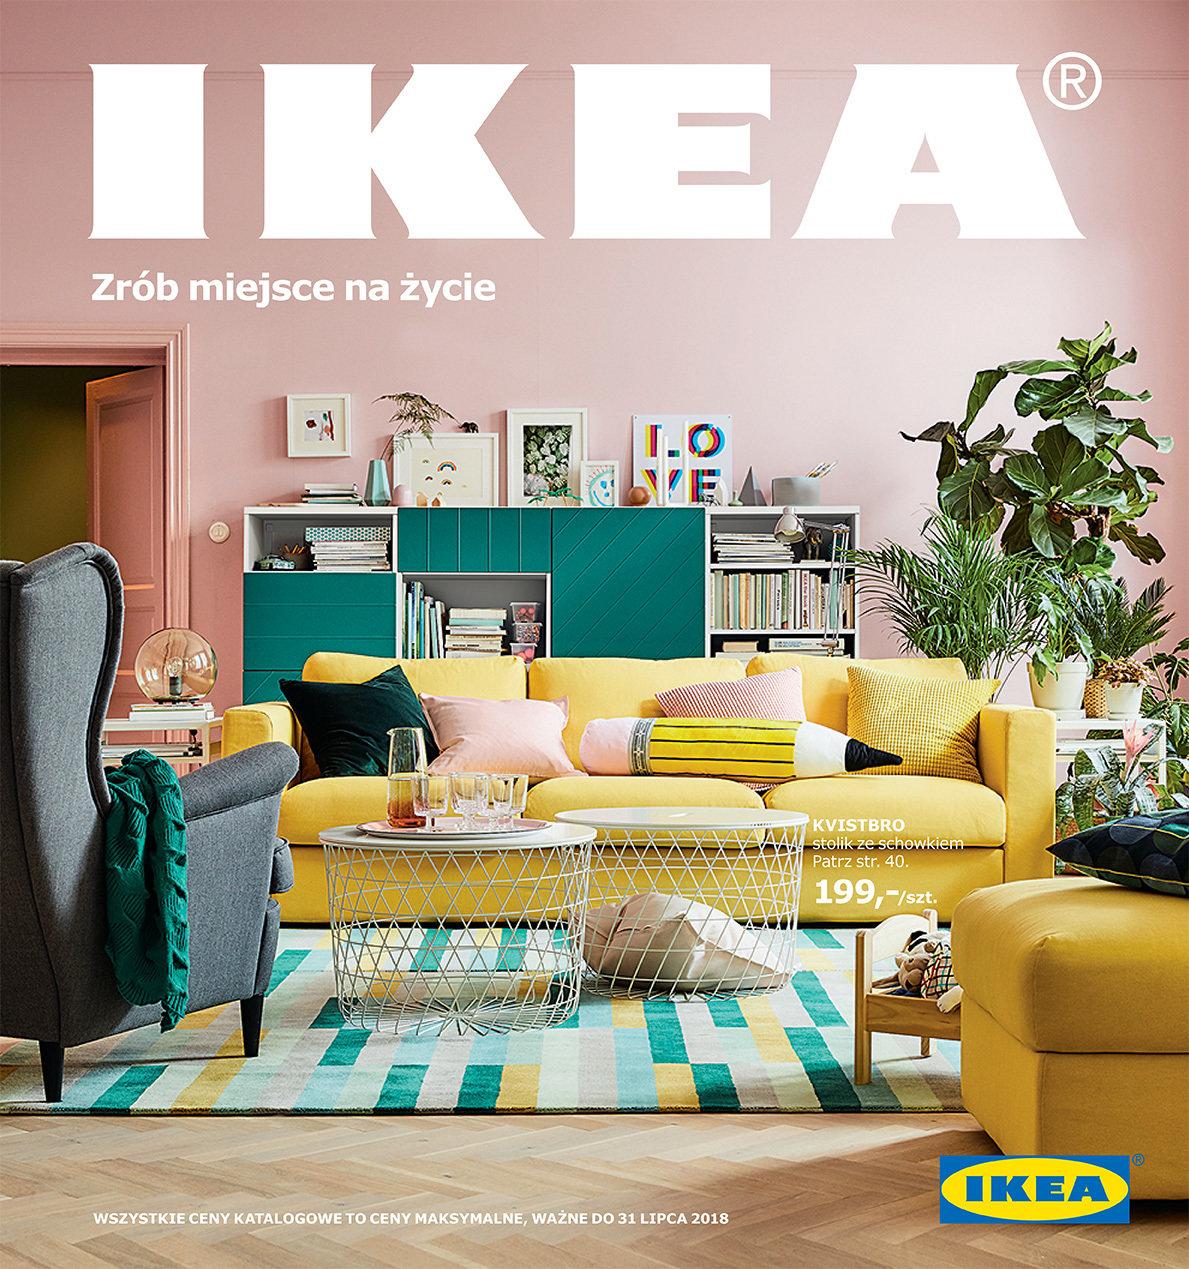 Gwiazdy na premierze Katalogu IKEA 2018 inspirują do zmian